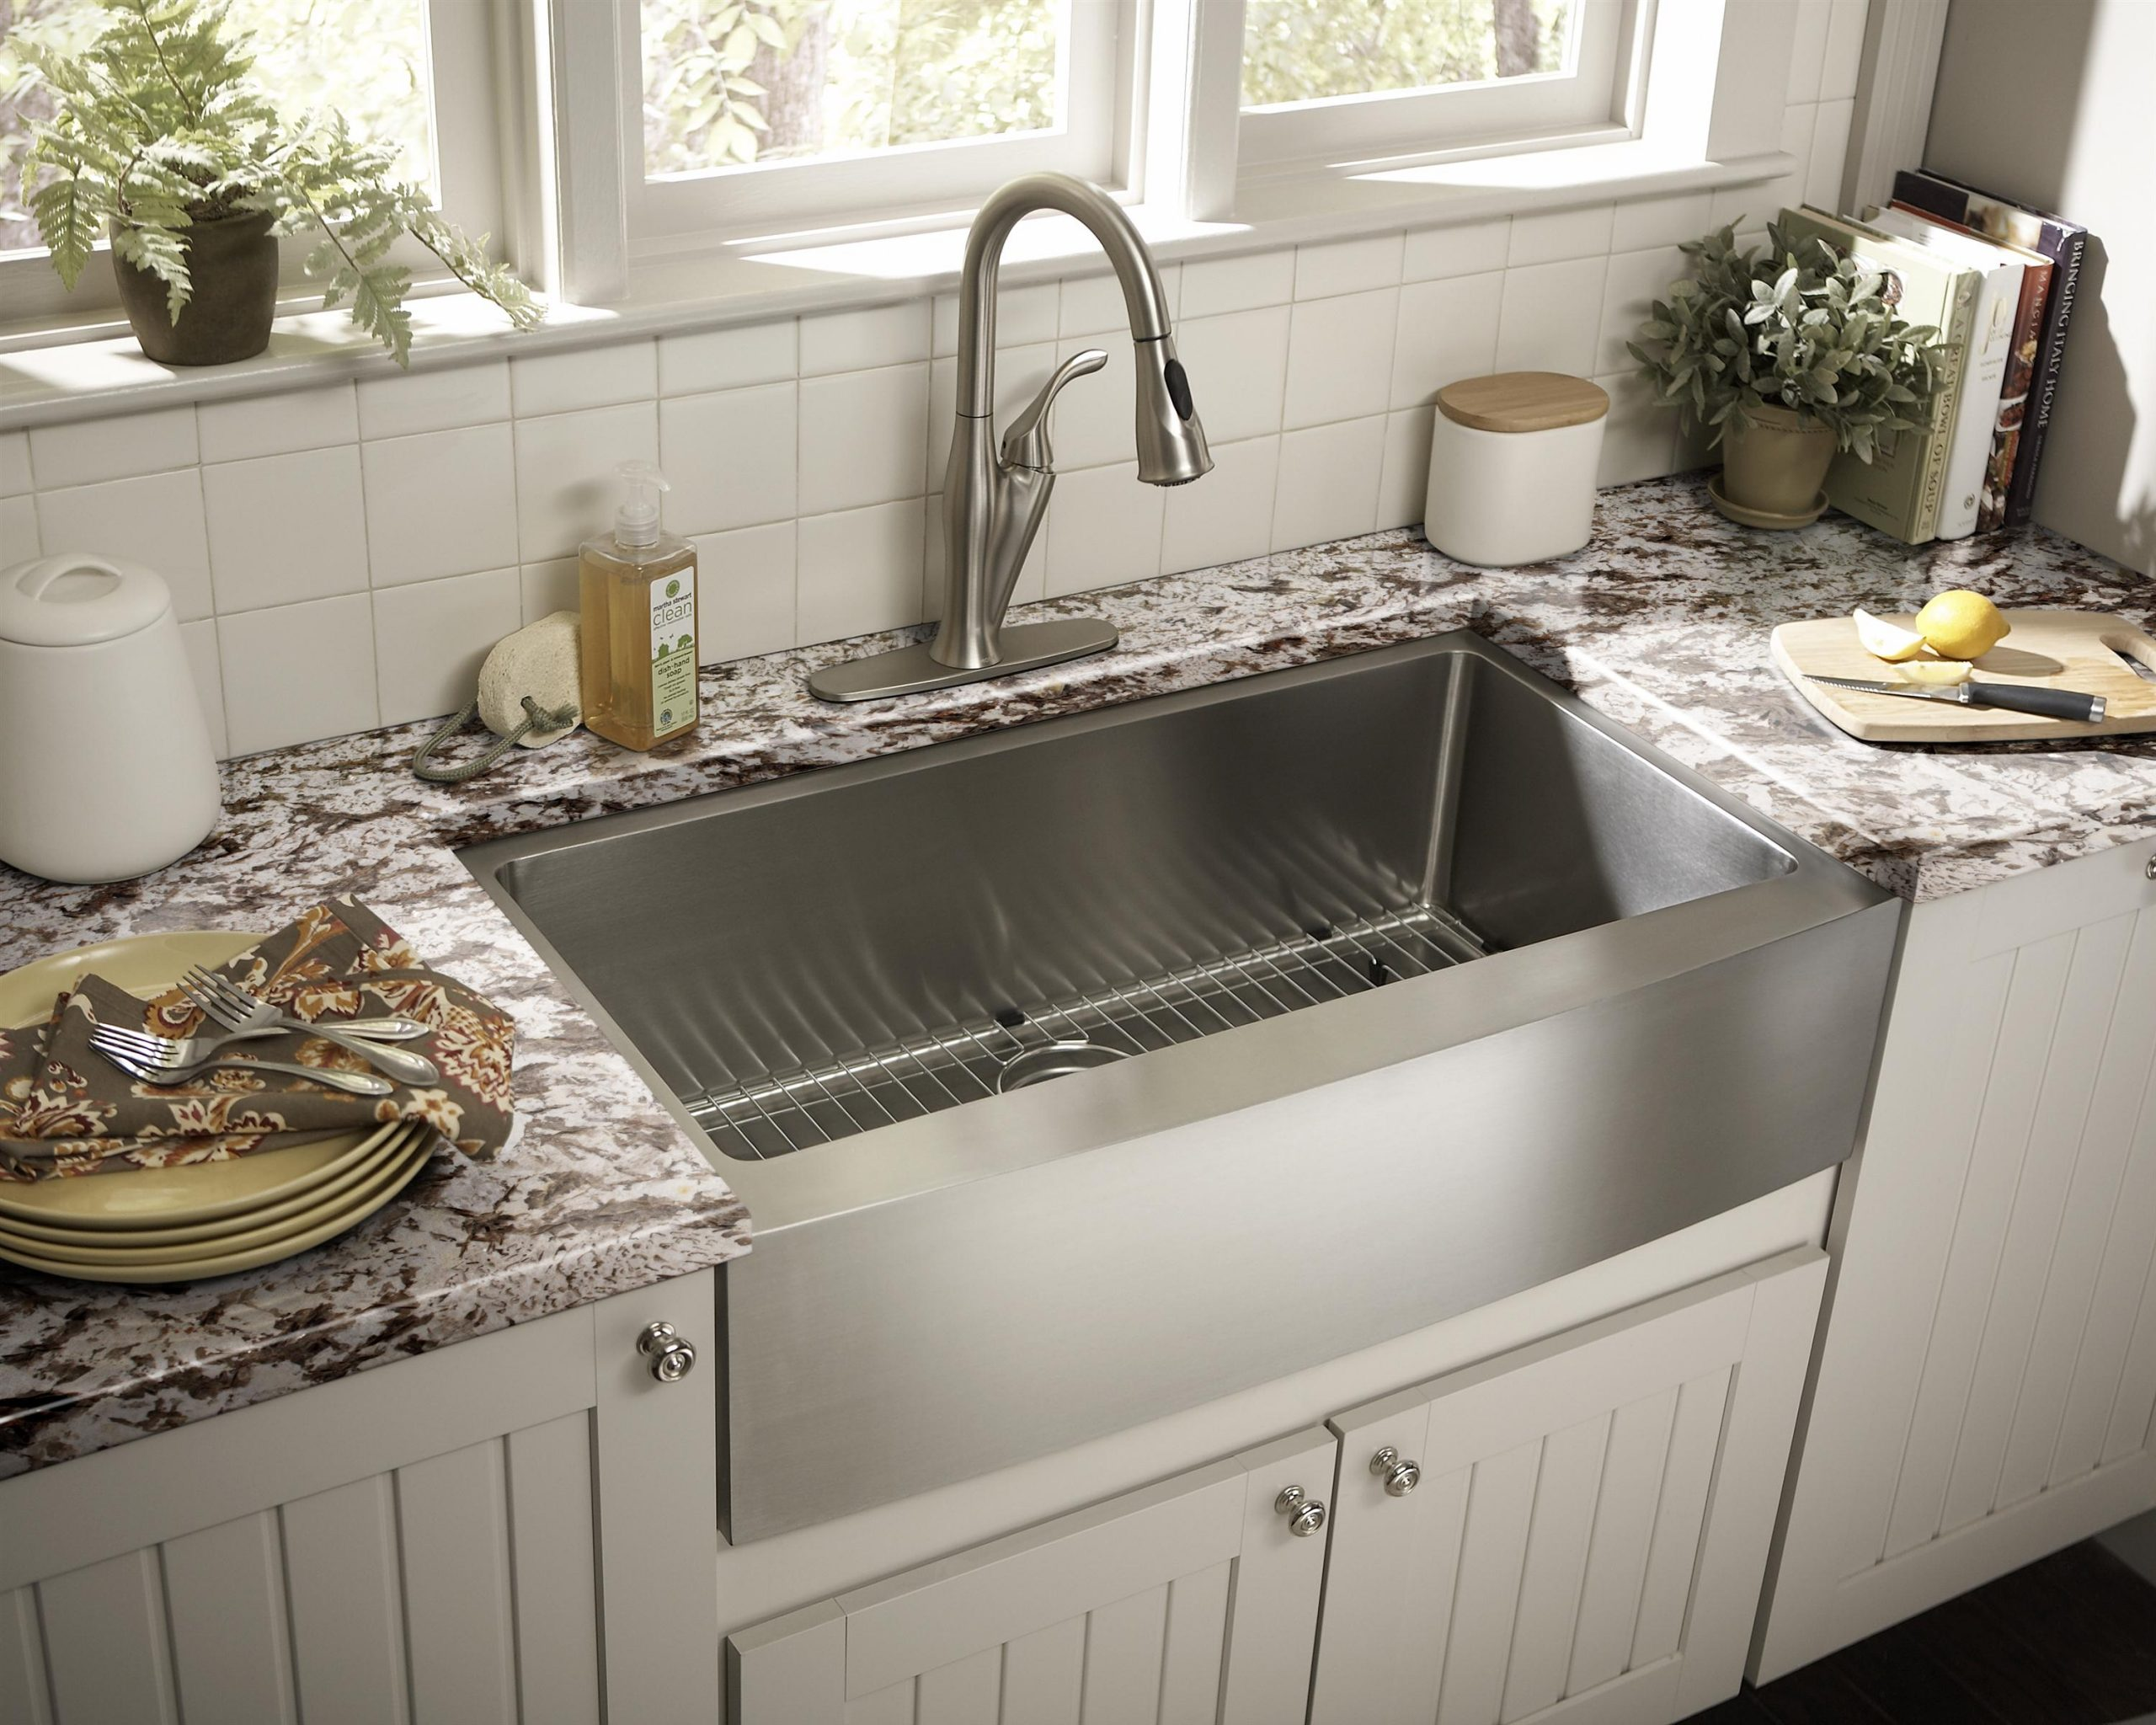 desain dapur dengan modern eropa wastafel cuci piring